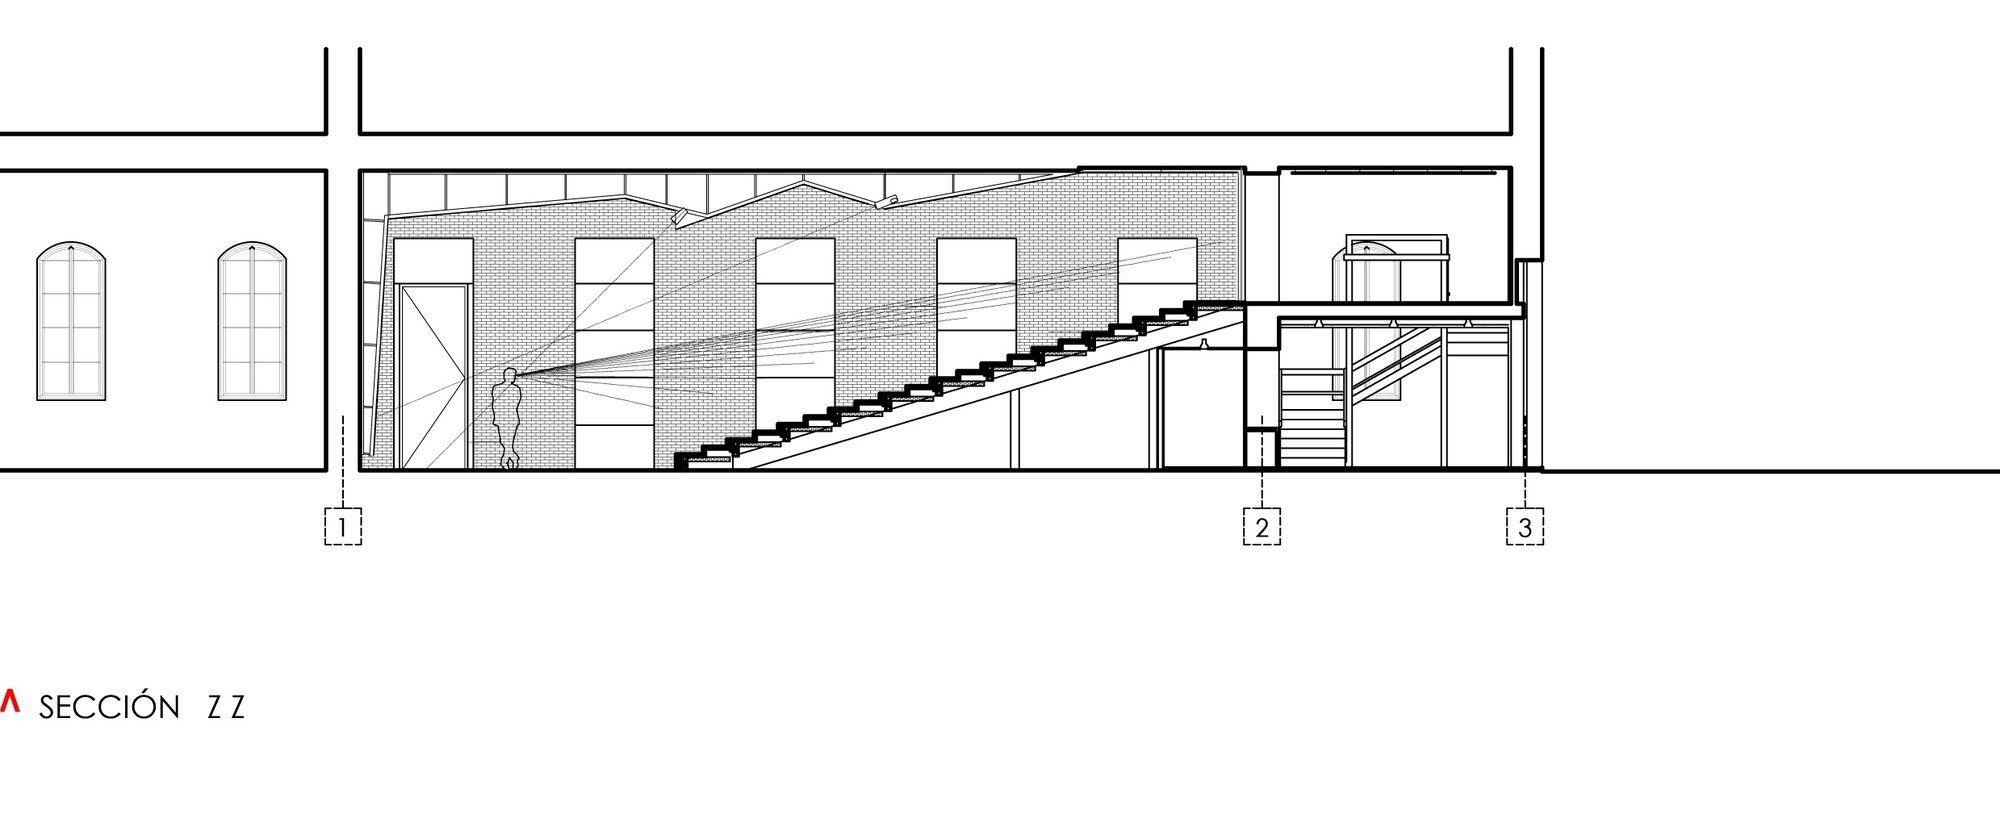 Galería - Rehabilitación Auditorio Facultad de Arquitectura y Urbanismo, Universidad de Chile / Rodrigo Aguilar - 16